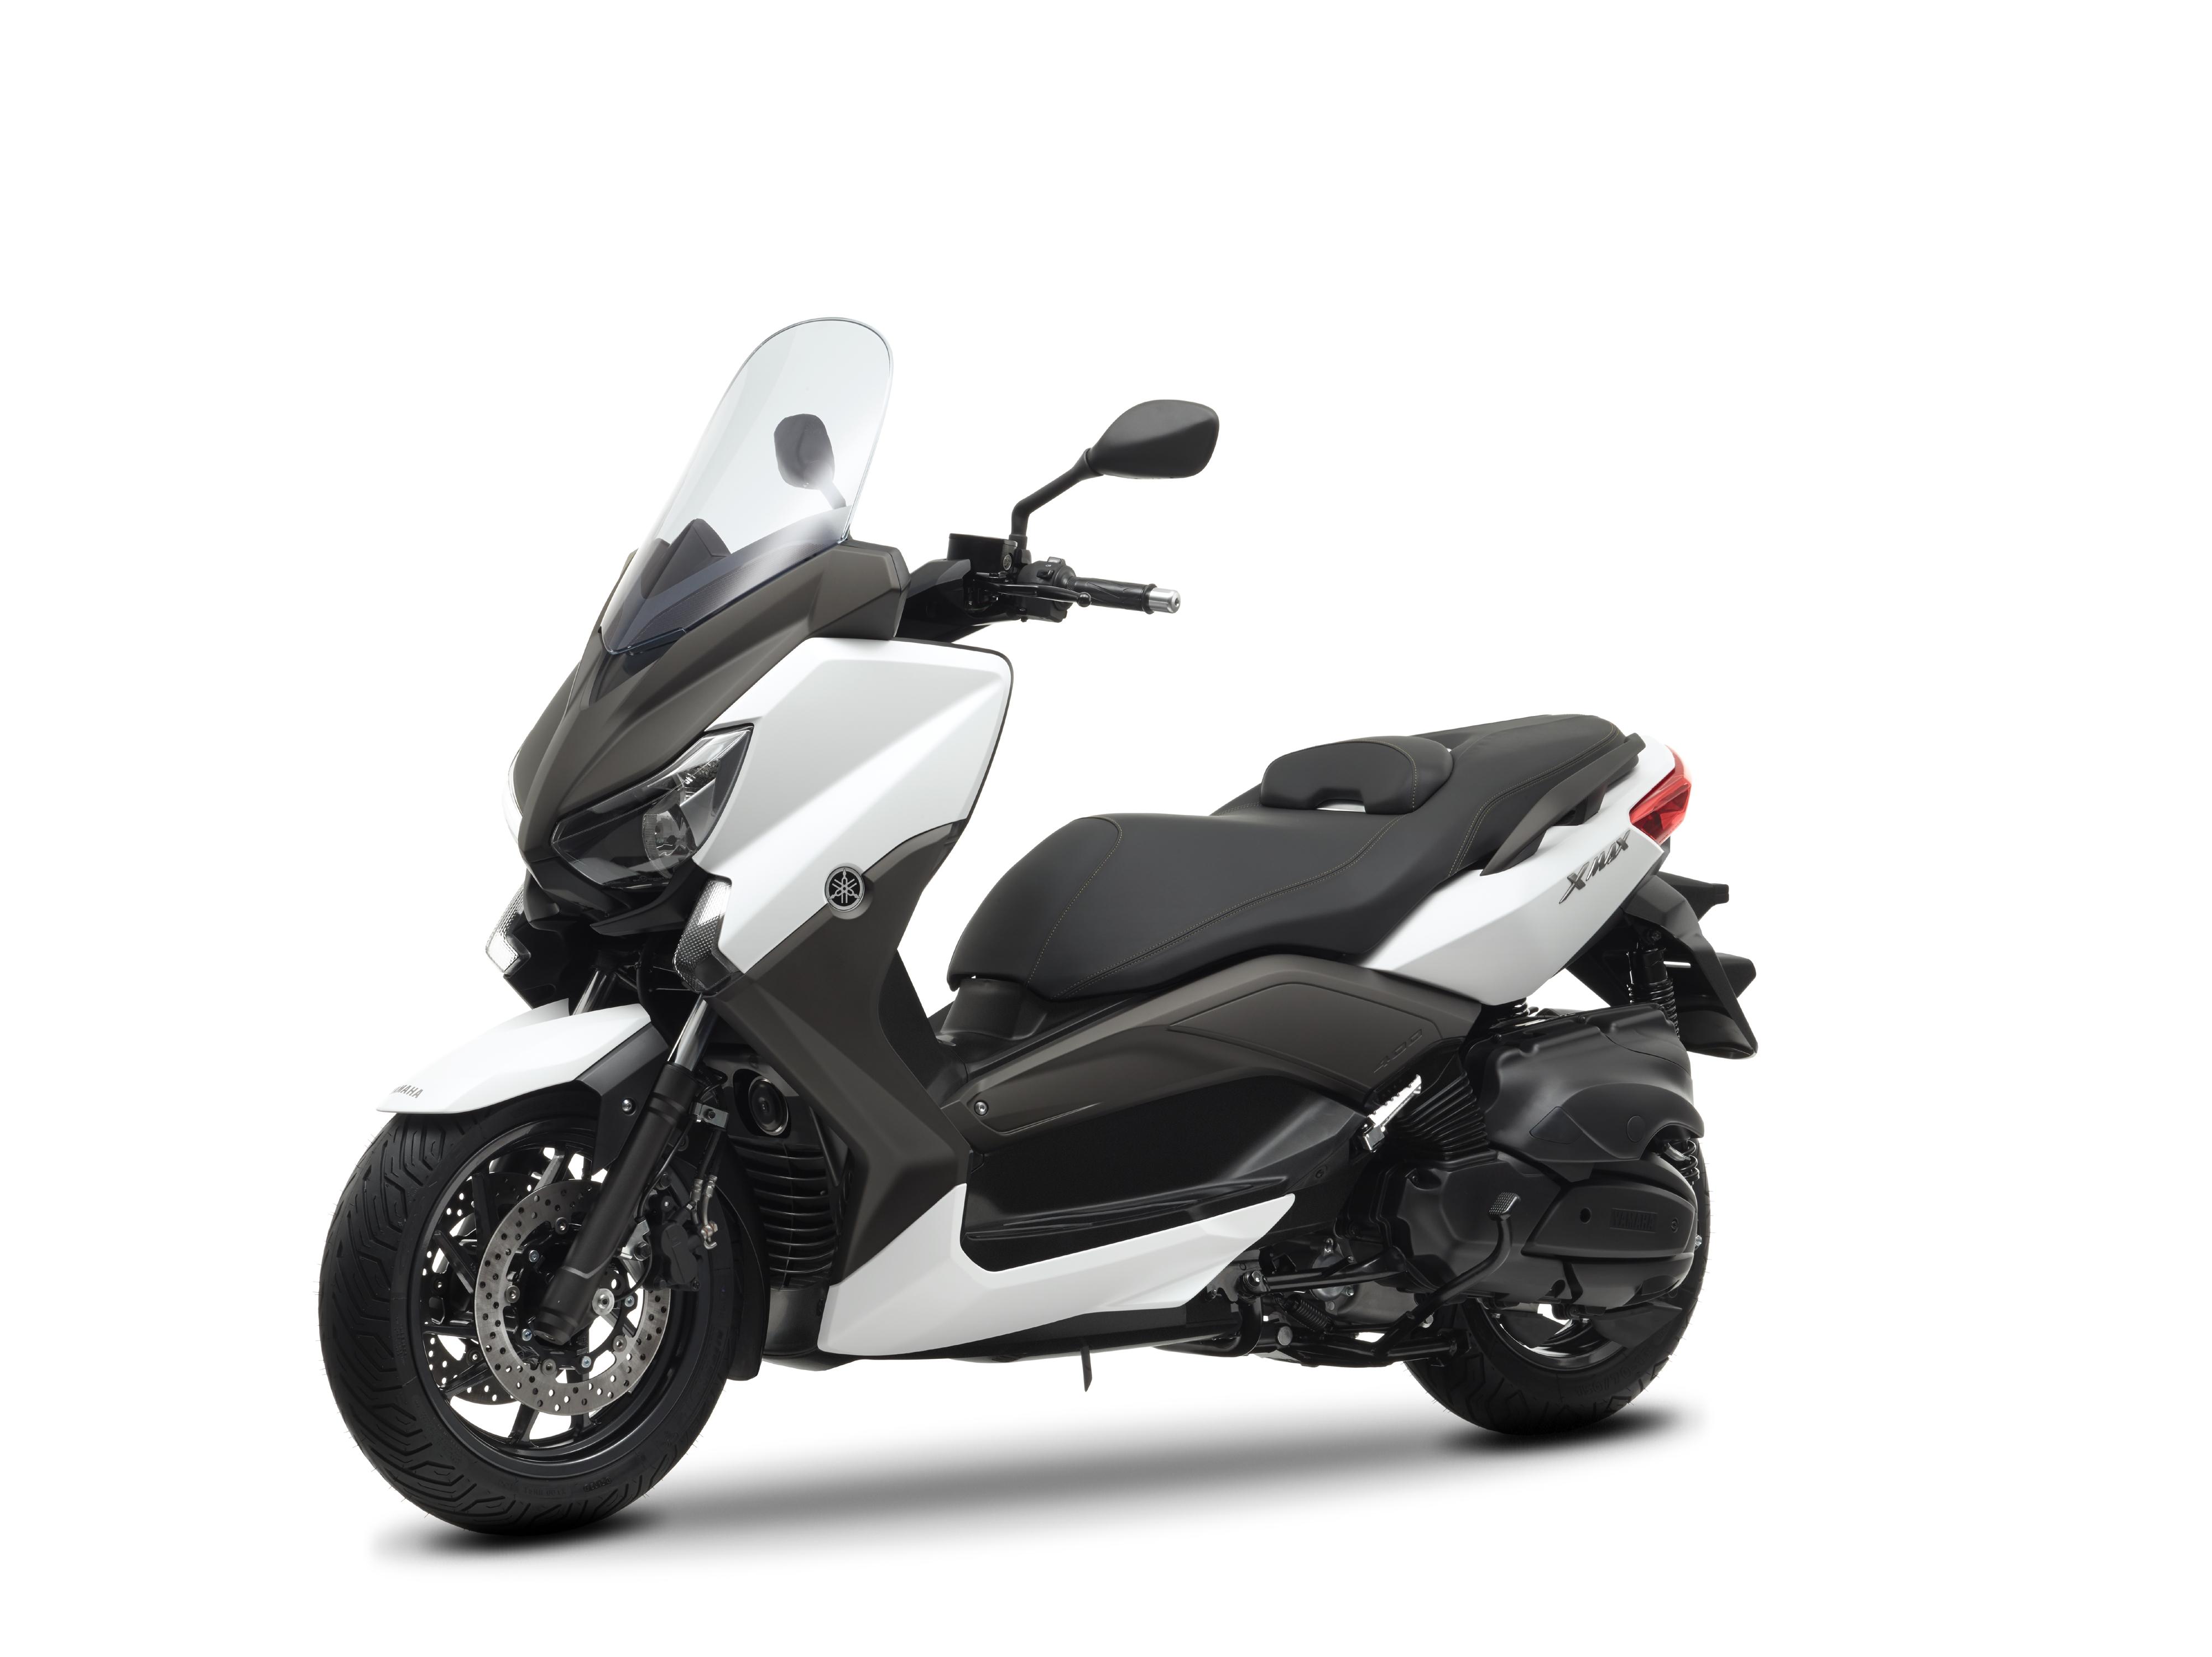 yamaha 299259 2013 yam xmax400 eu mwm3 stu 007 motos para el a2. Black Bedroom Furniture Sets. Home Design Ideas